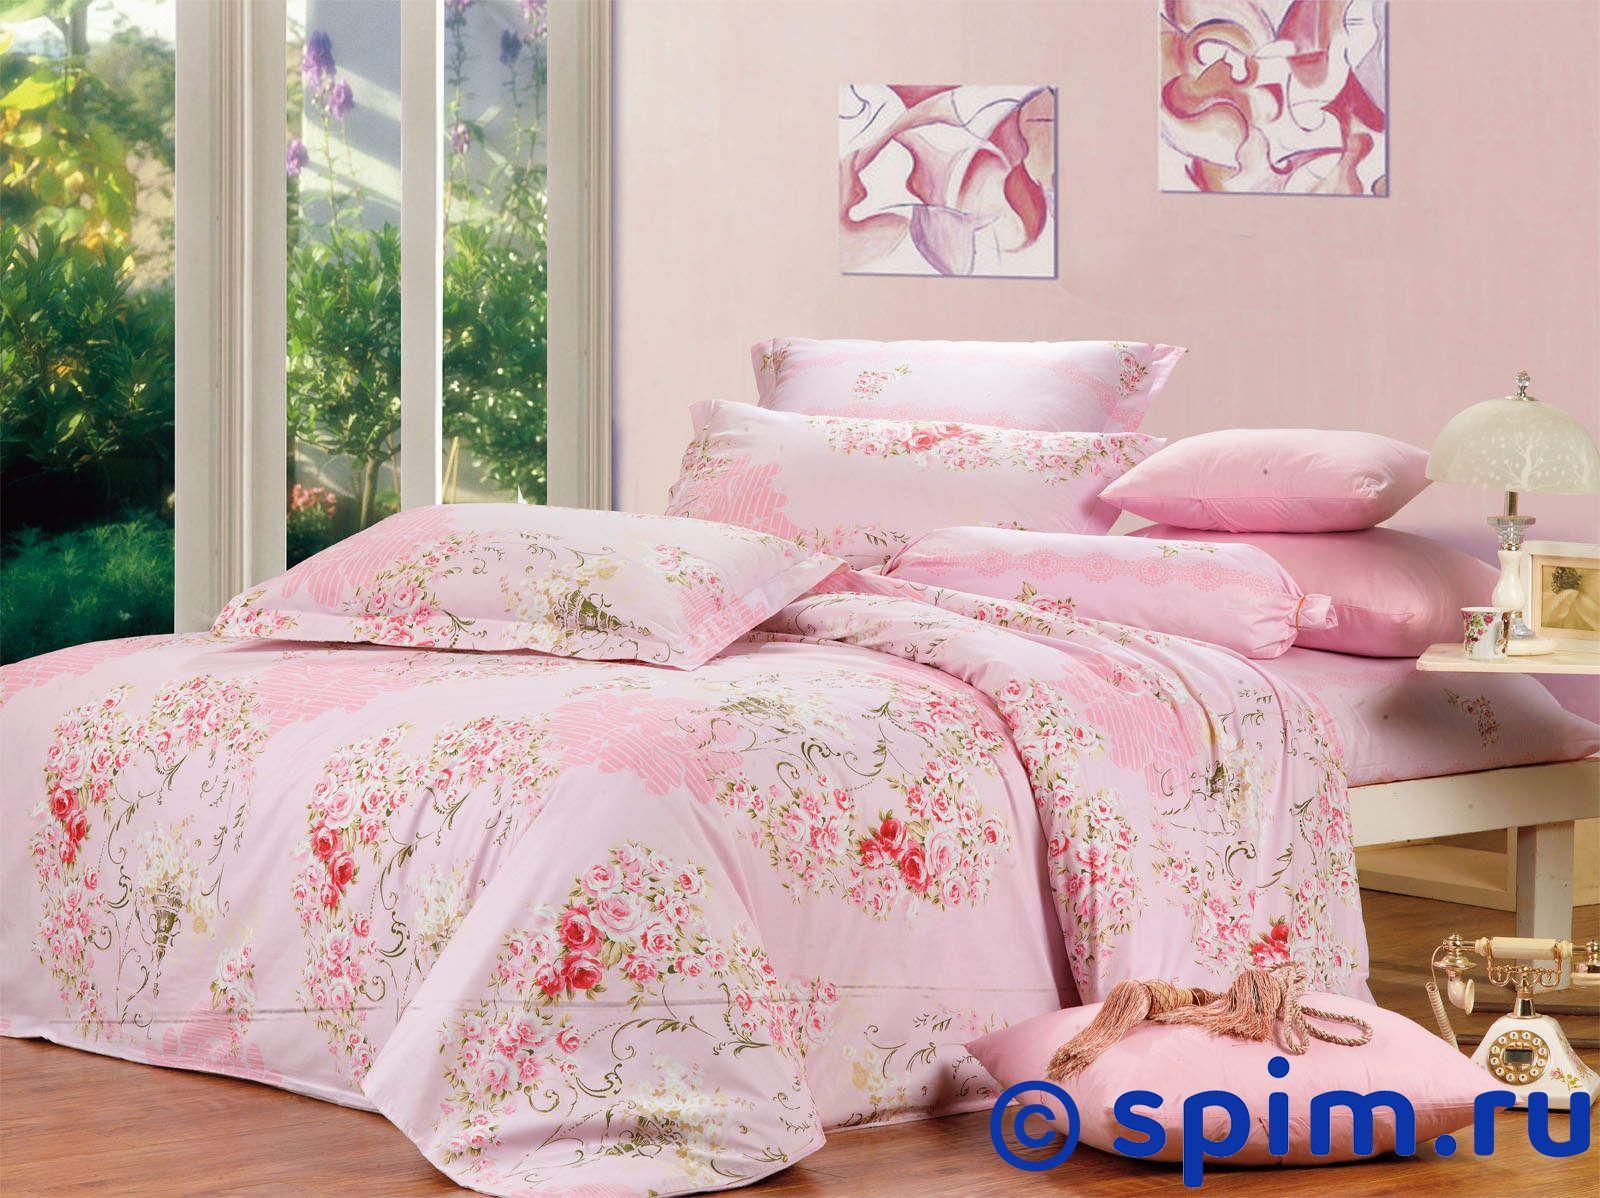 Постельное белье СайлиД В94 (1) 1.5 спальное